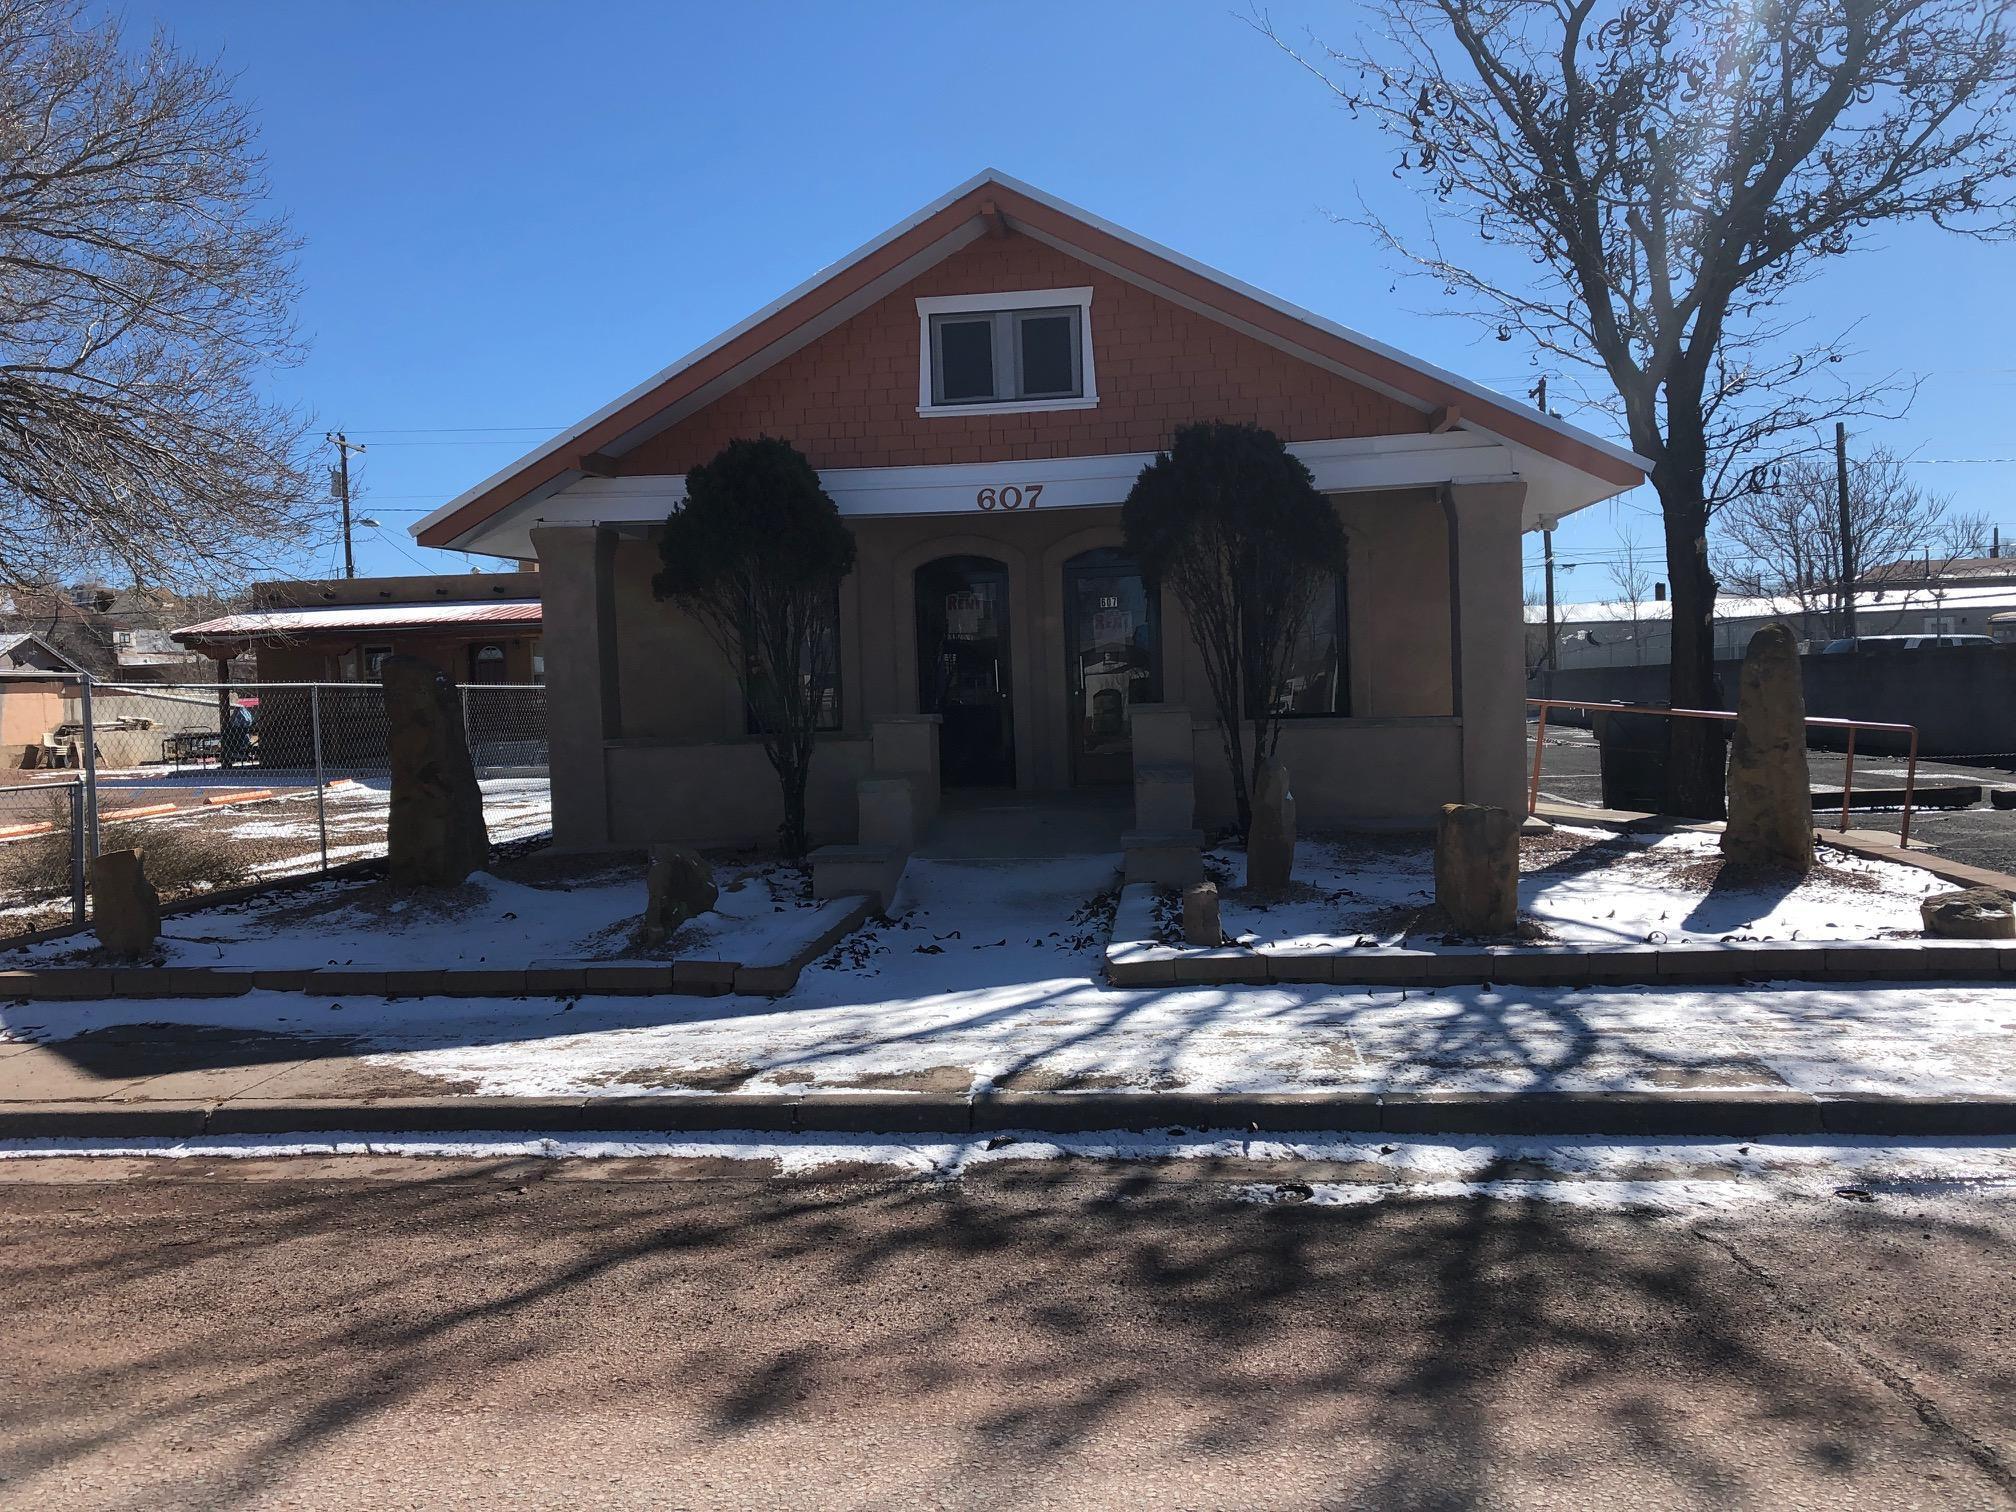 607 W Aztec Ave, Gallup, NM - Studio, 2 Bath Single-Family